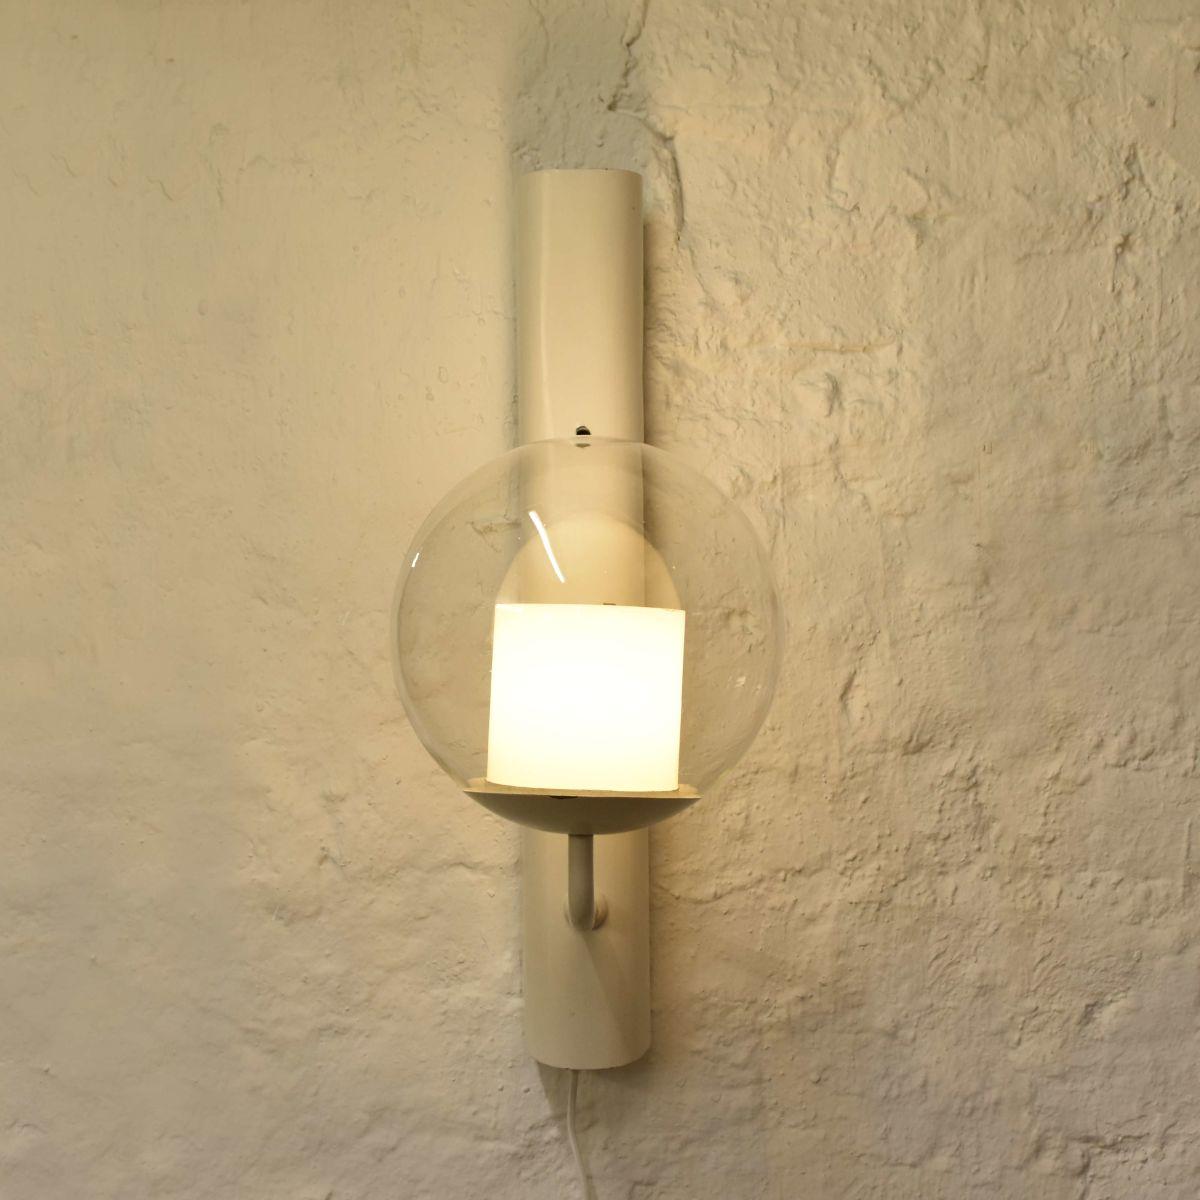 Alvar-Aalto_Wall-Lamp-For-Paimio-Sanatorium